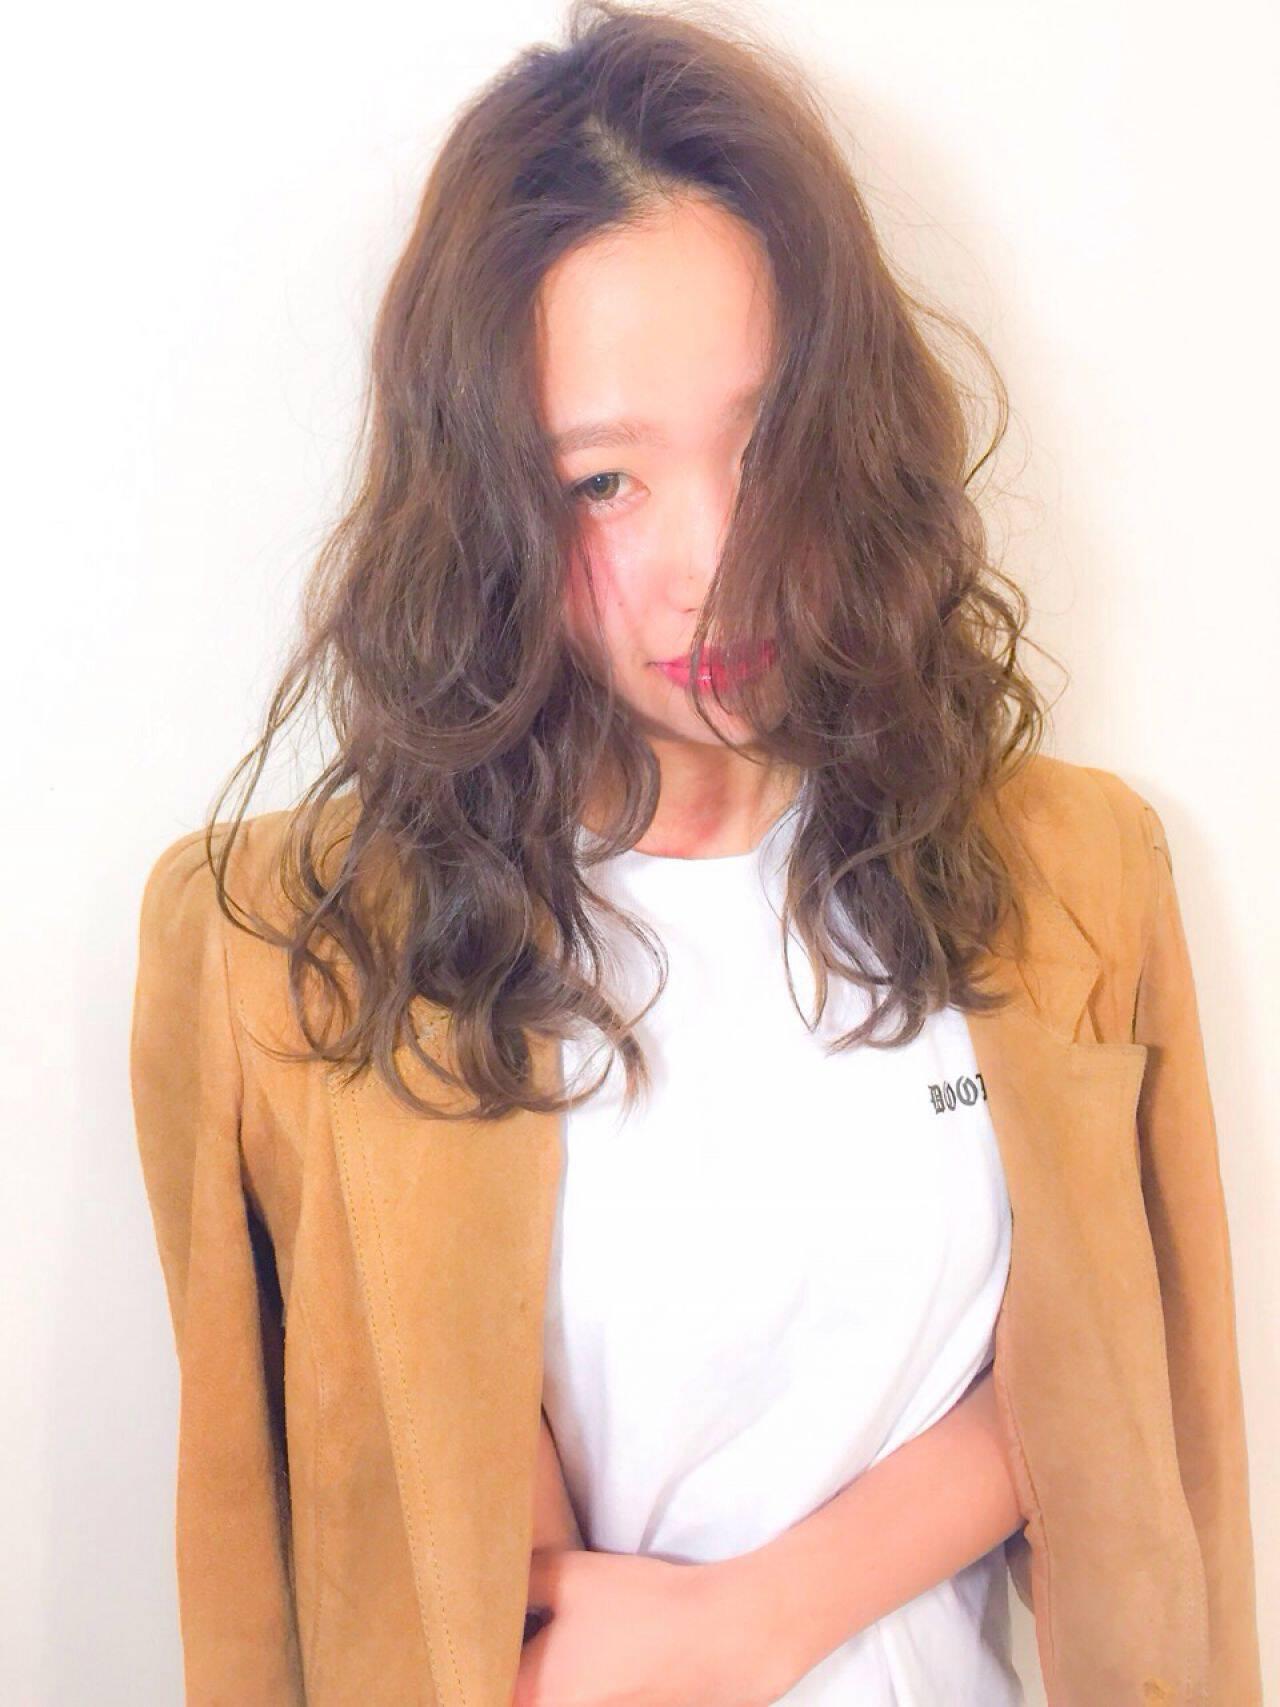 セミロング ガーリー 春 フェミニンヘアスタイルや髪型の写真・画像